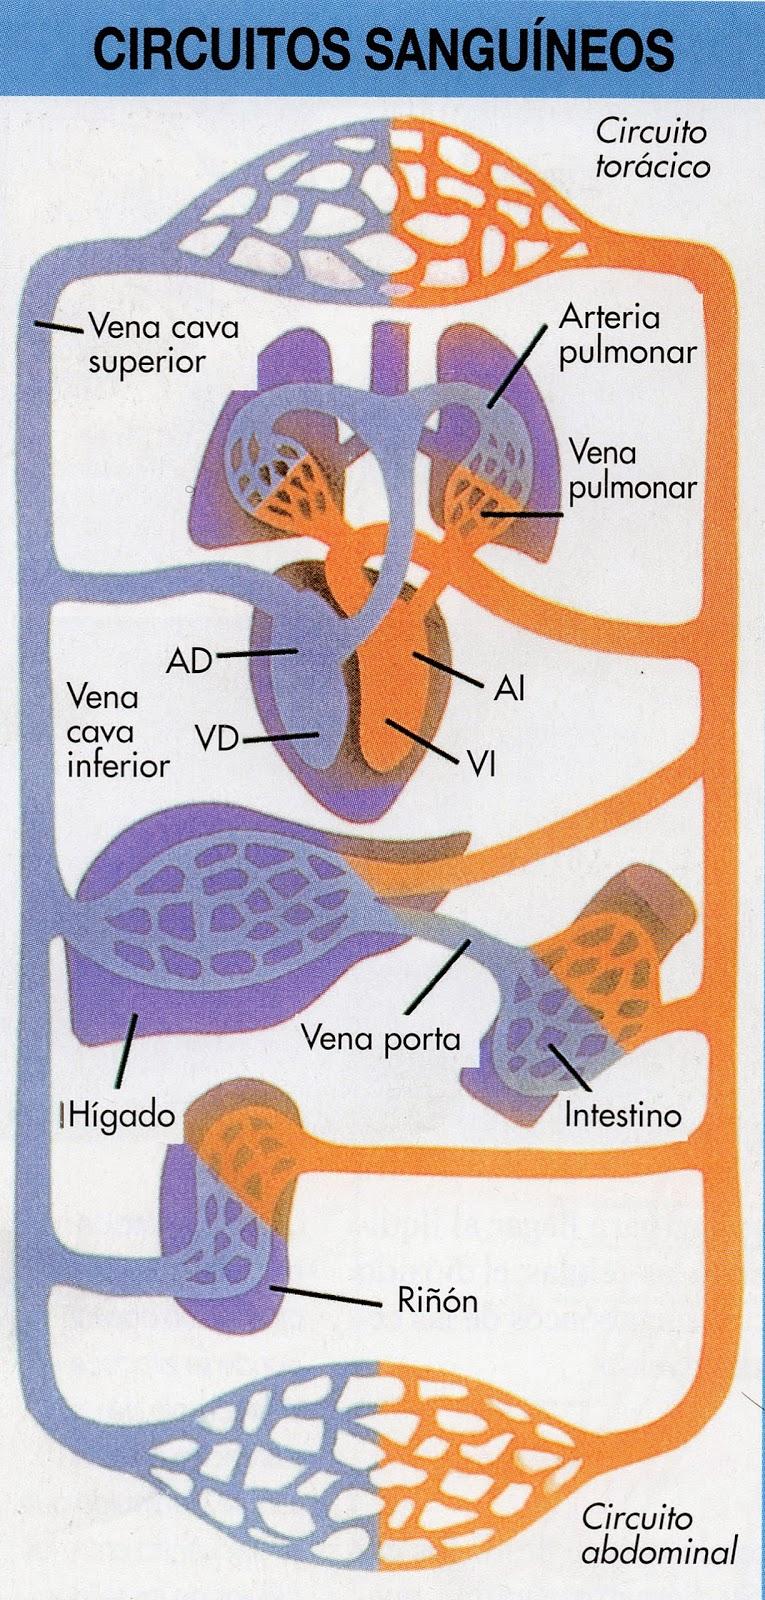 Circuito Sanguineo : Los circuitos sistÉmicos y pulmonar minienciclopedia estudiantil